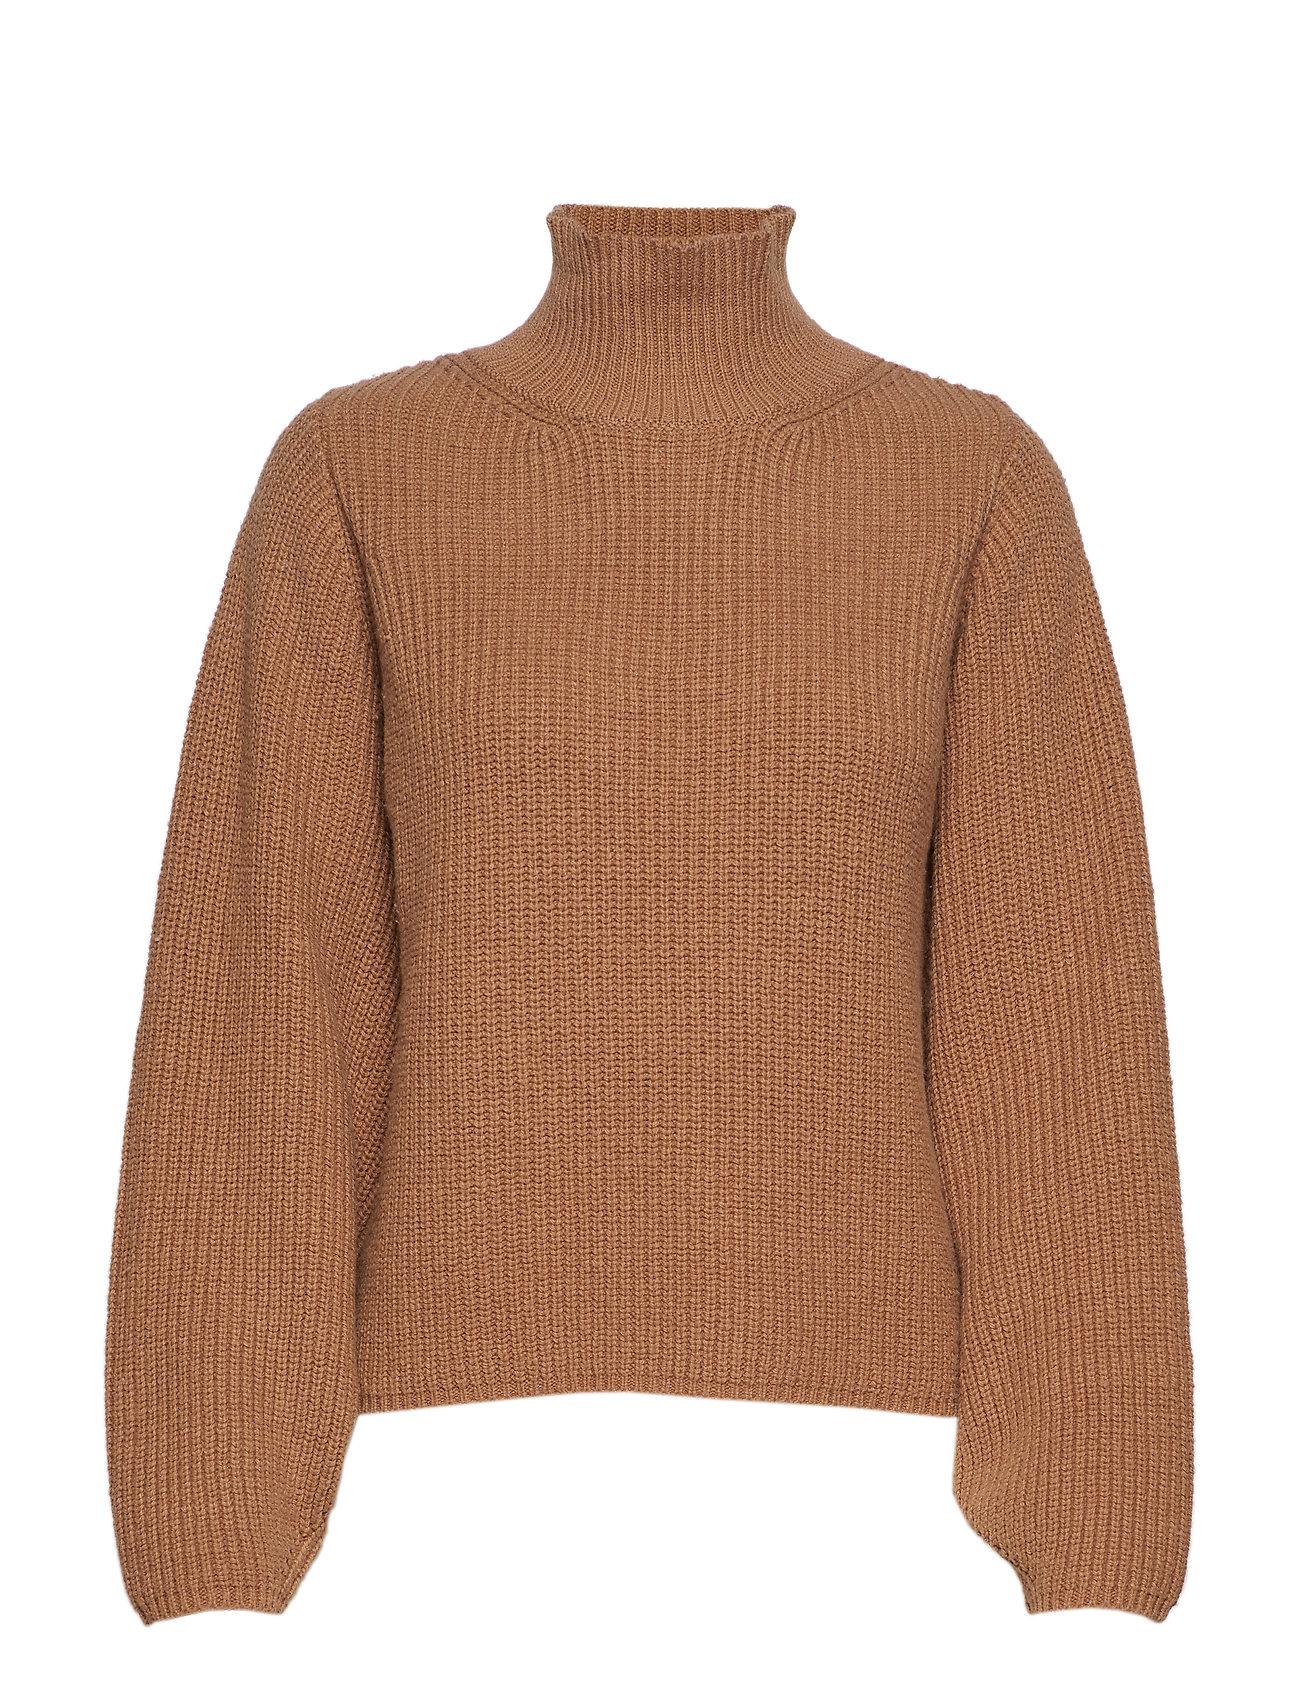 CamelInwear Portmaniw Iw50 33 Iw50 Pulloverwarm Tl1Jc3FK